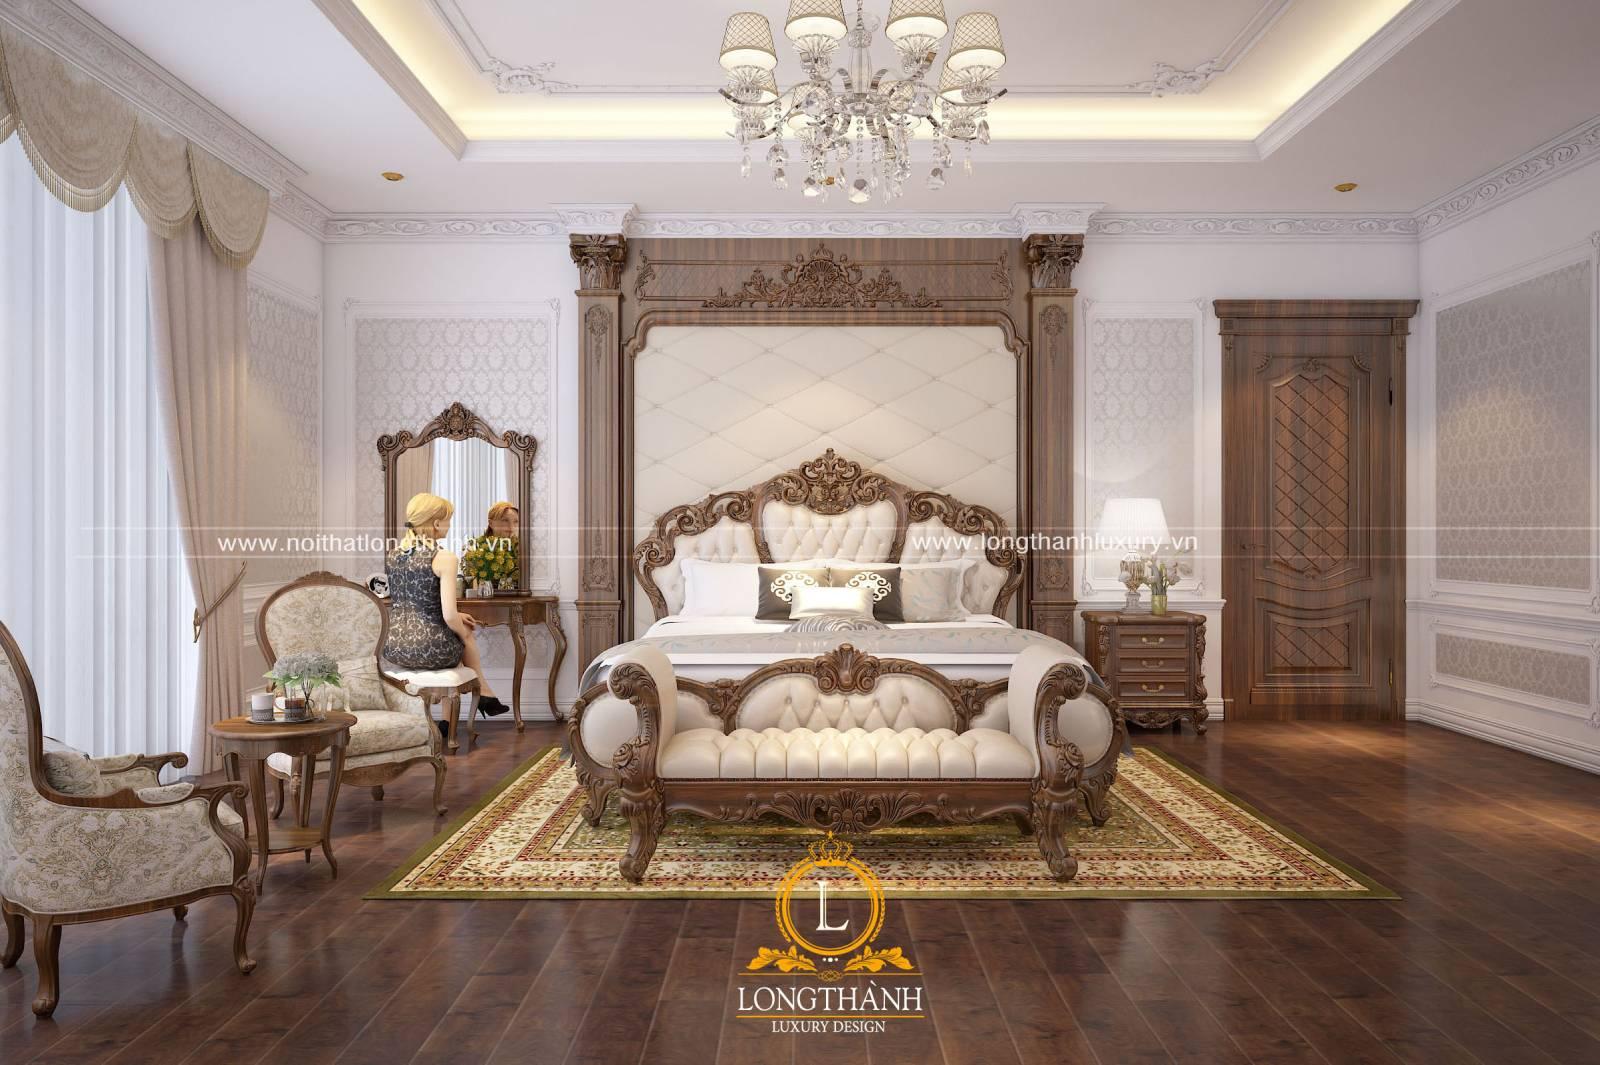 Mẫu phòng ngủ master tân cổ điển cho nhà biệt thự rộng